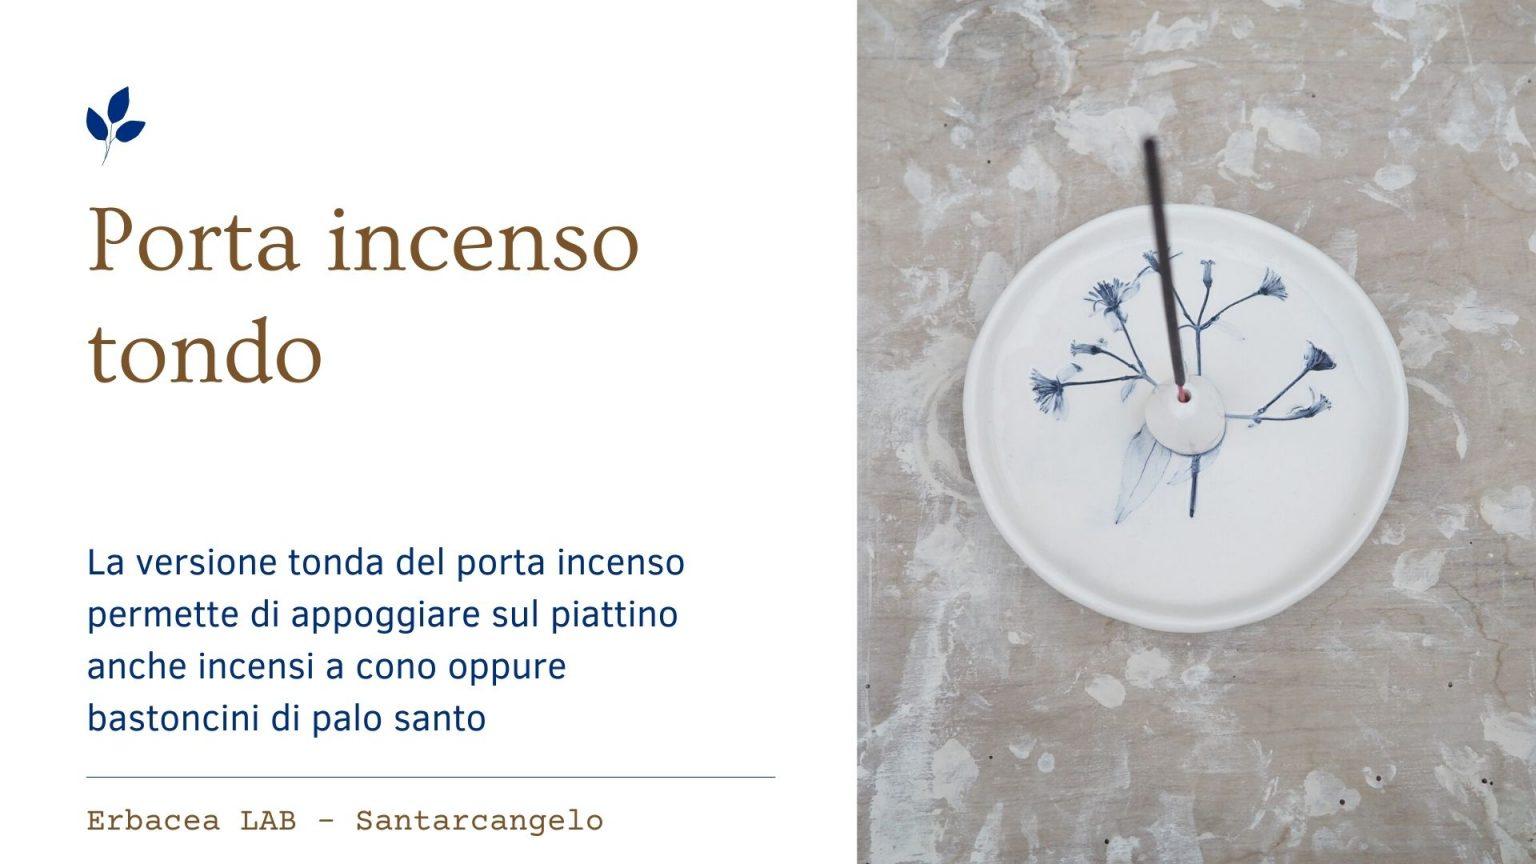 Bomboniere in Ceramica - porta incenso tondo